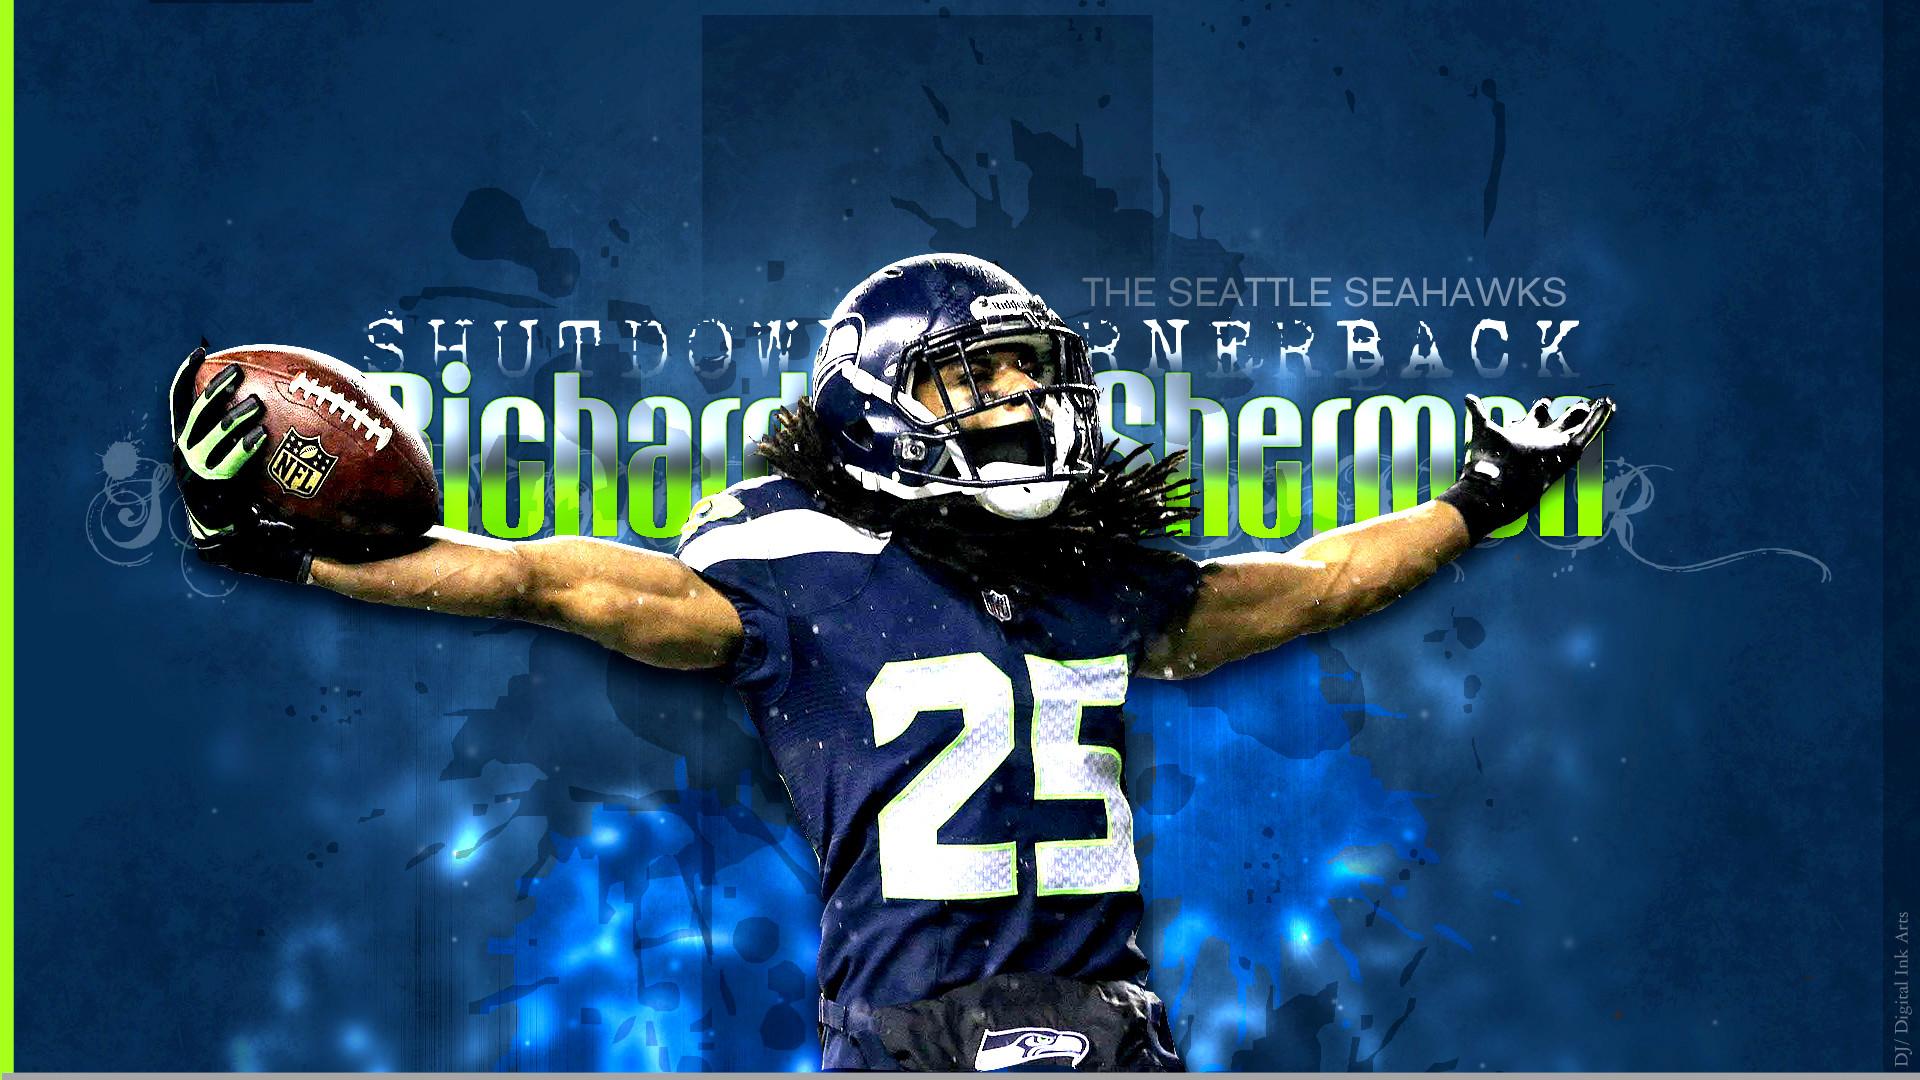 Seahawks Logo Wallpaper Images Wallpaper | WallpaperLepi